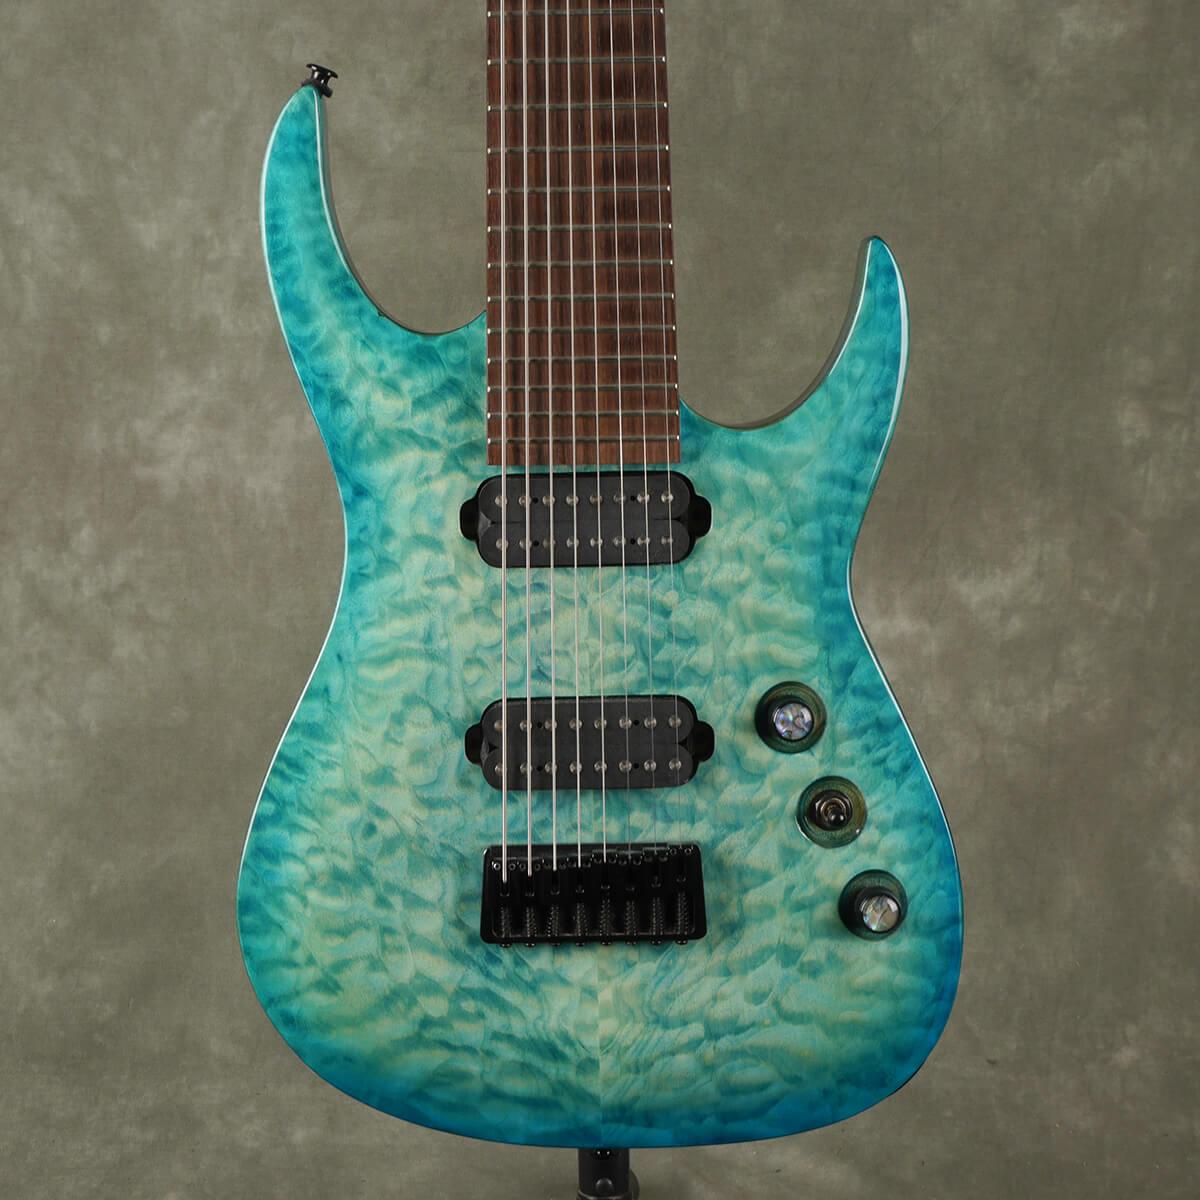 Agile Septor 827 8-String Guitar - Oceanburst - 2nd Hand